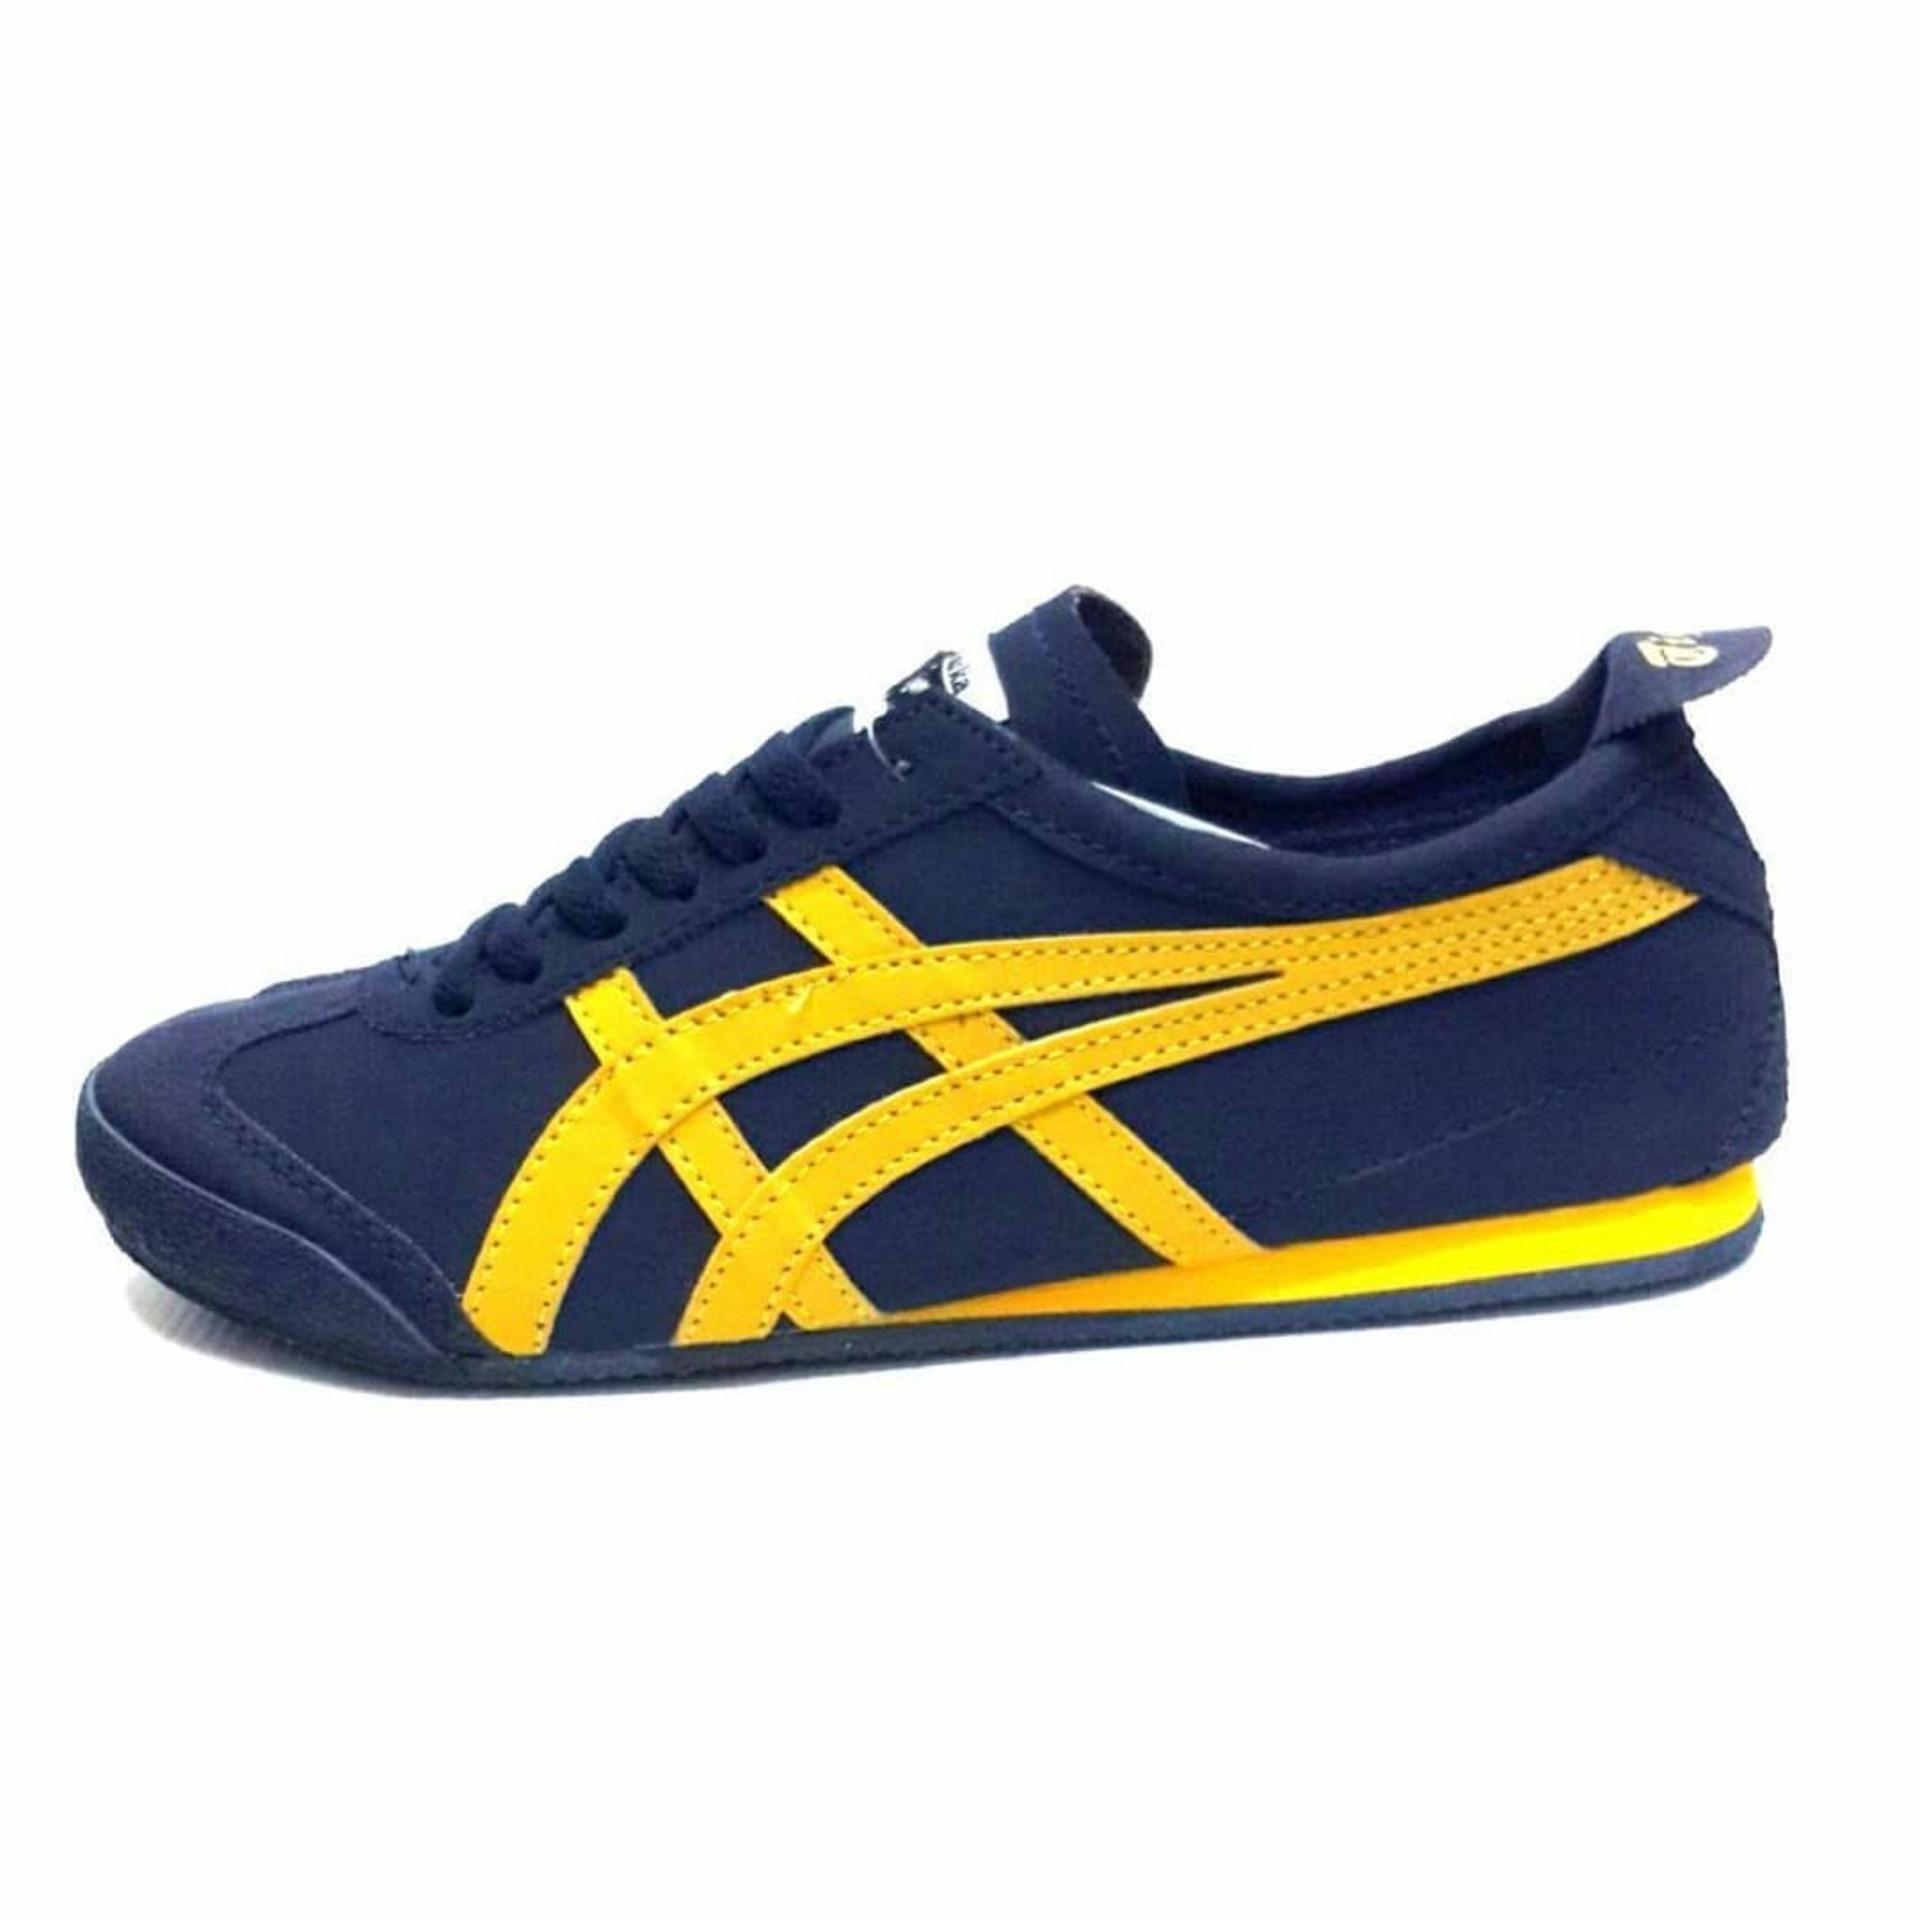 EM Store - Sepatu Asicc Tiger Lowcut Sneakers